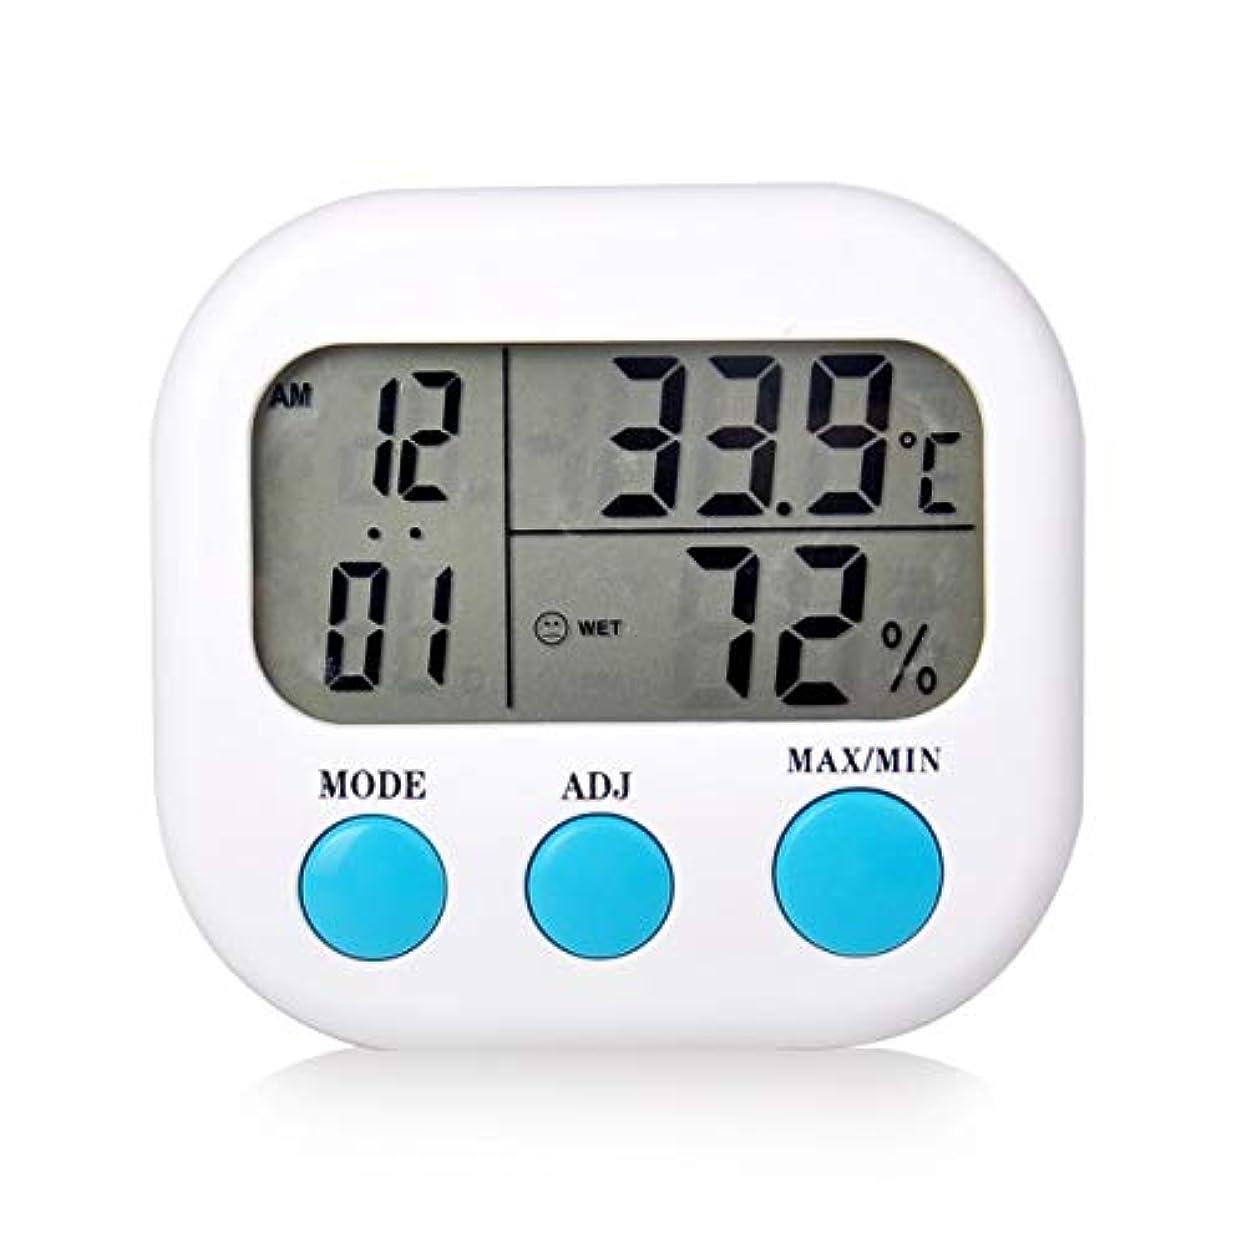 カウンタスラッシュ暖炉Saikogoods 電子体温計湿度計 デジタルディスプレイ 温度湿度モニター アラーム時計 屋内家庭用 白